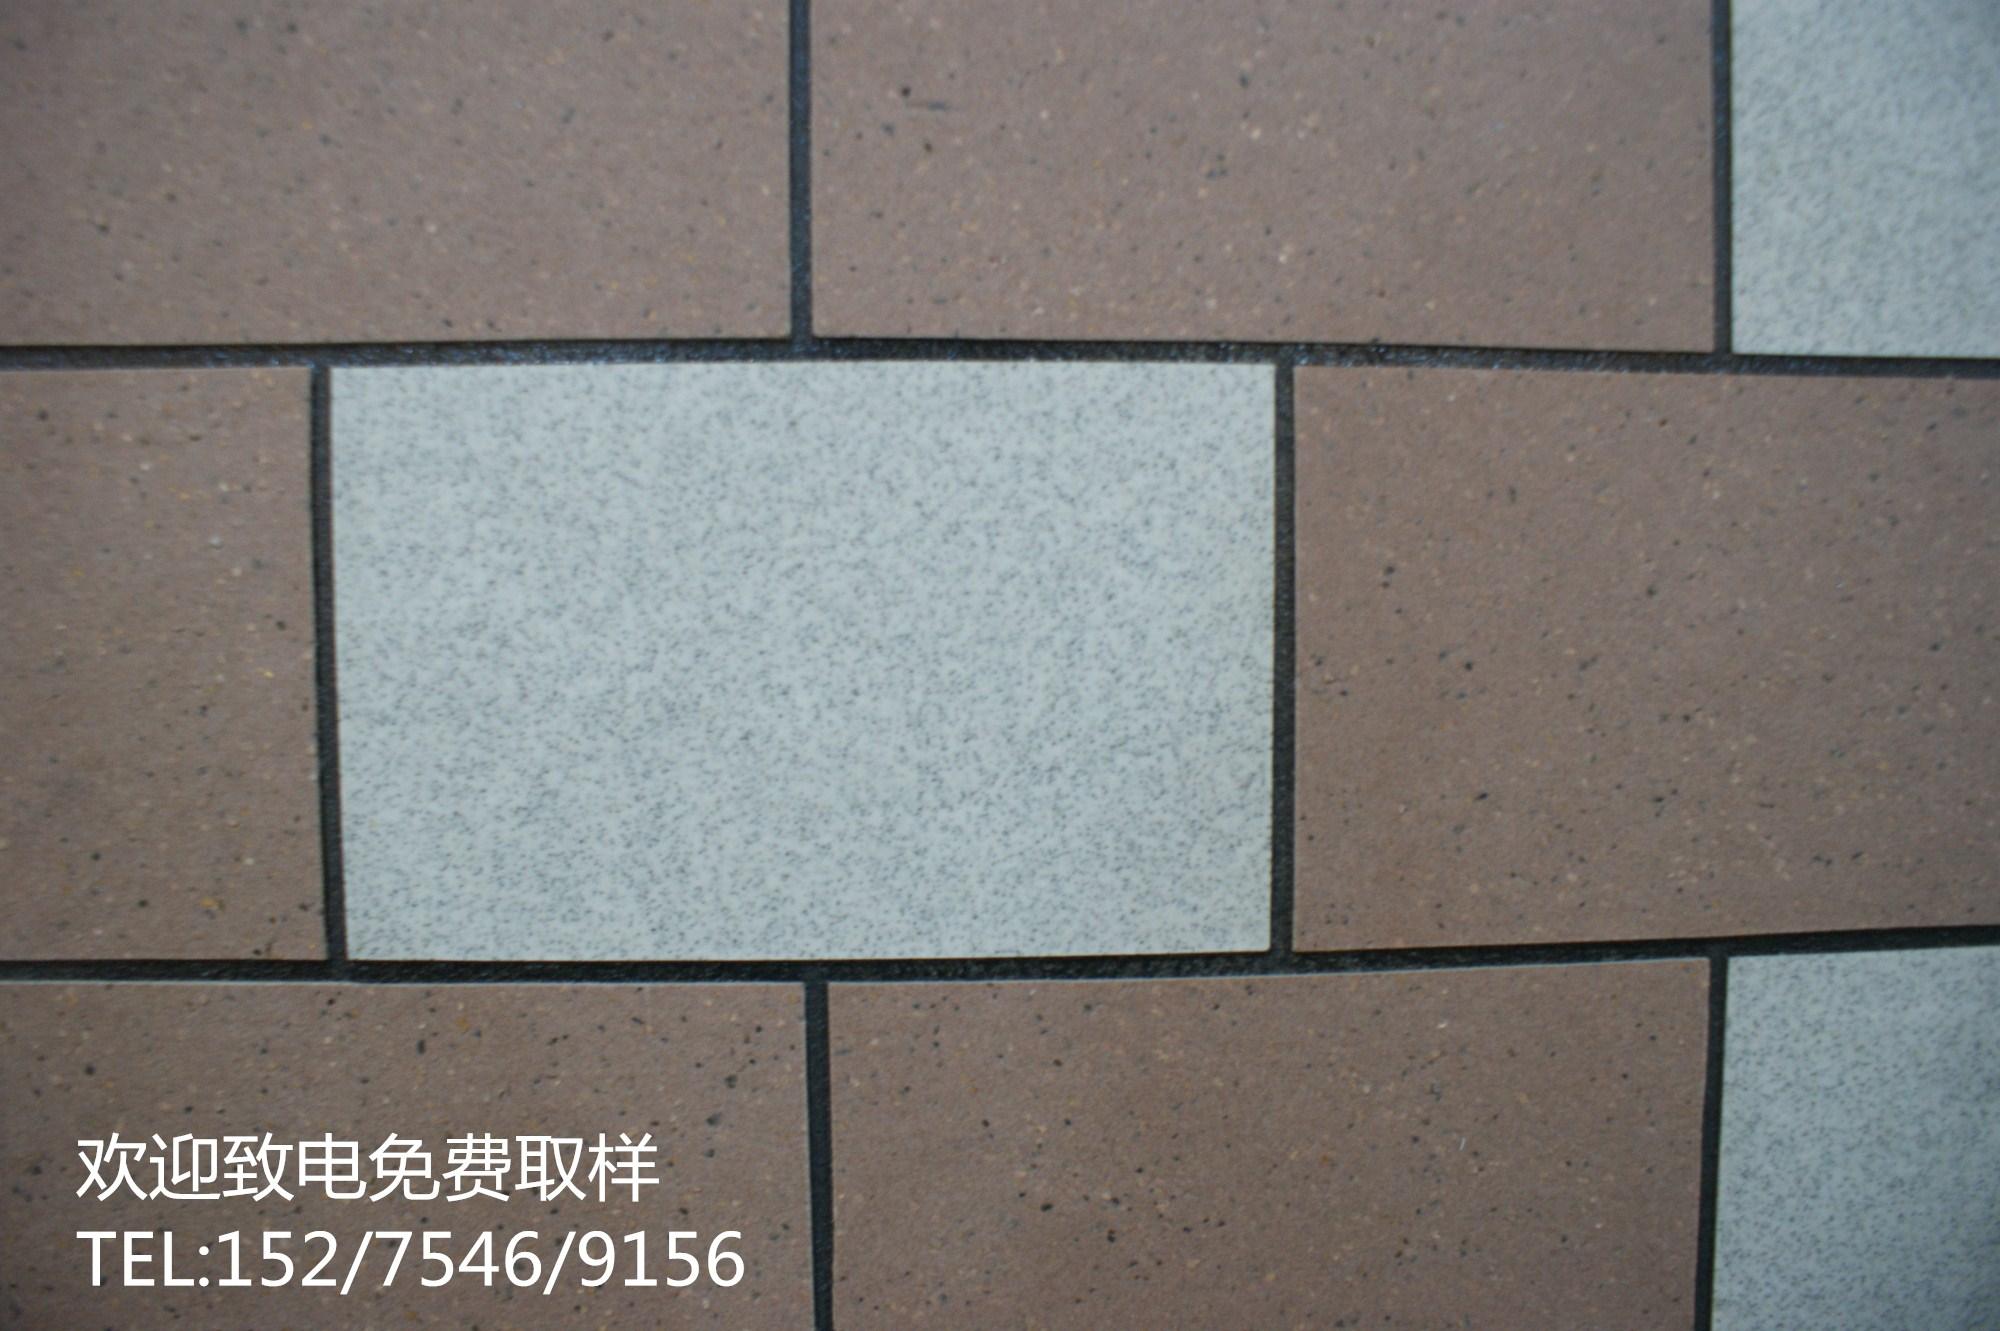 保温装饰一体板 软陶砖,软陶石材供应